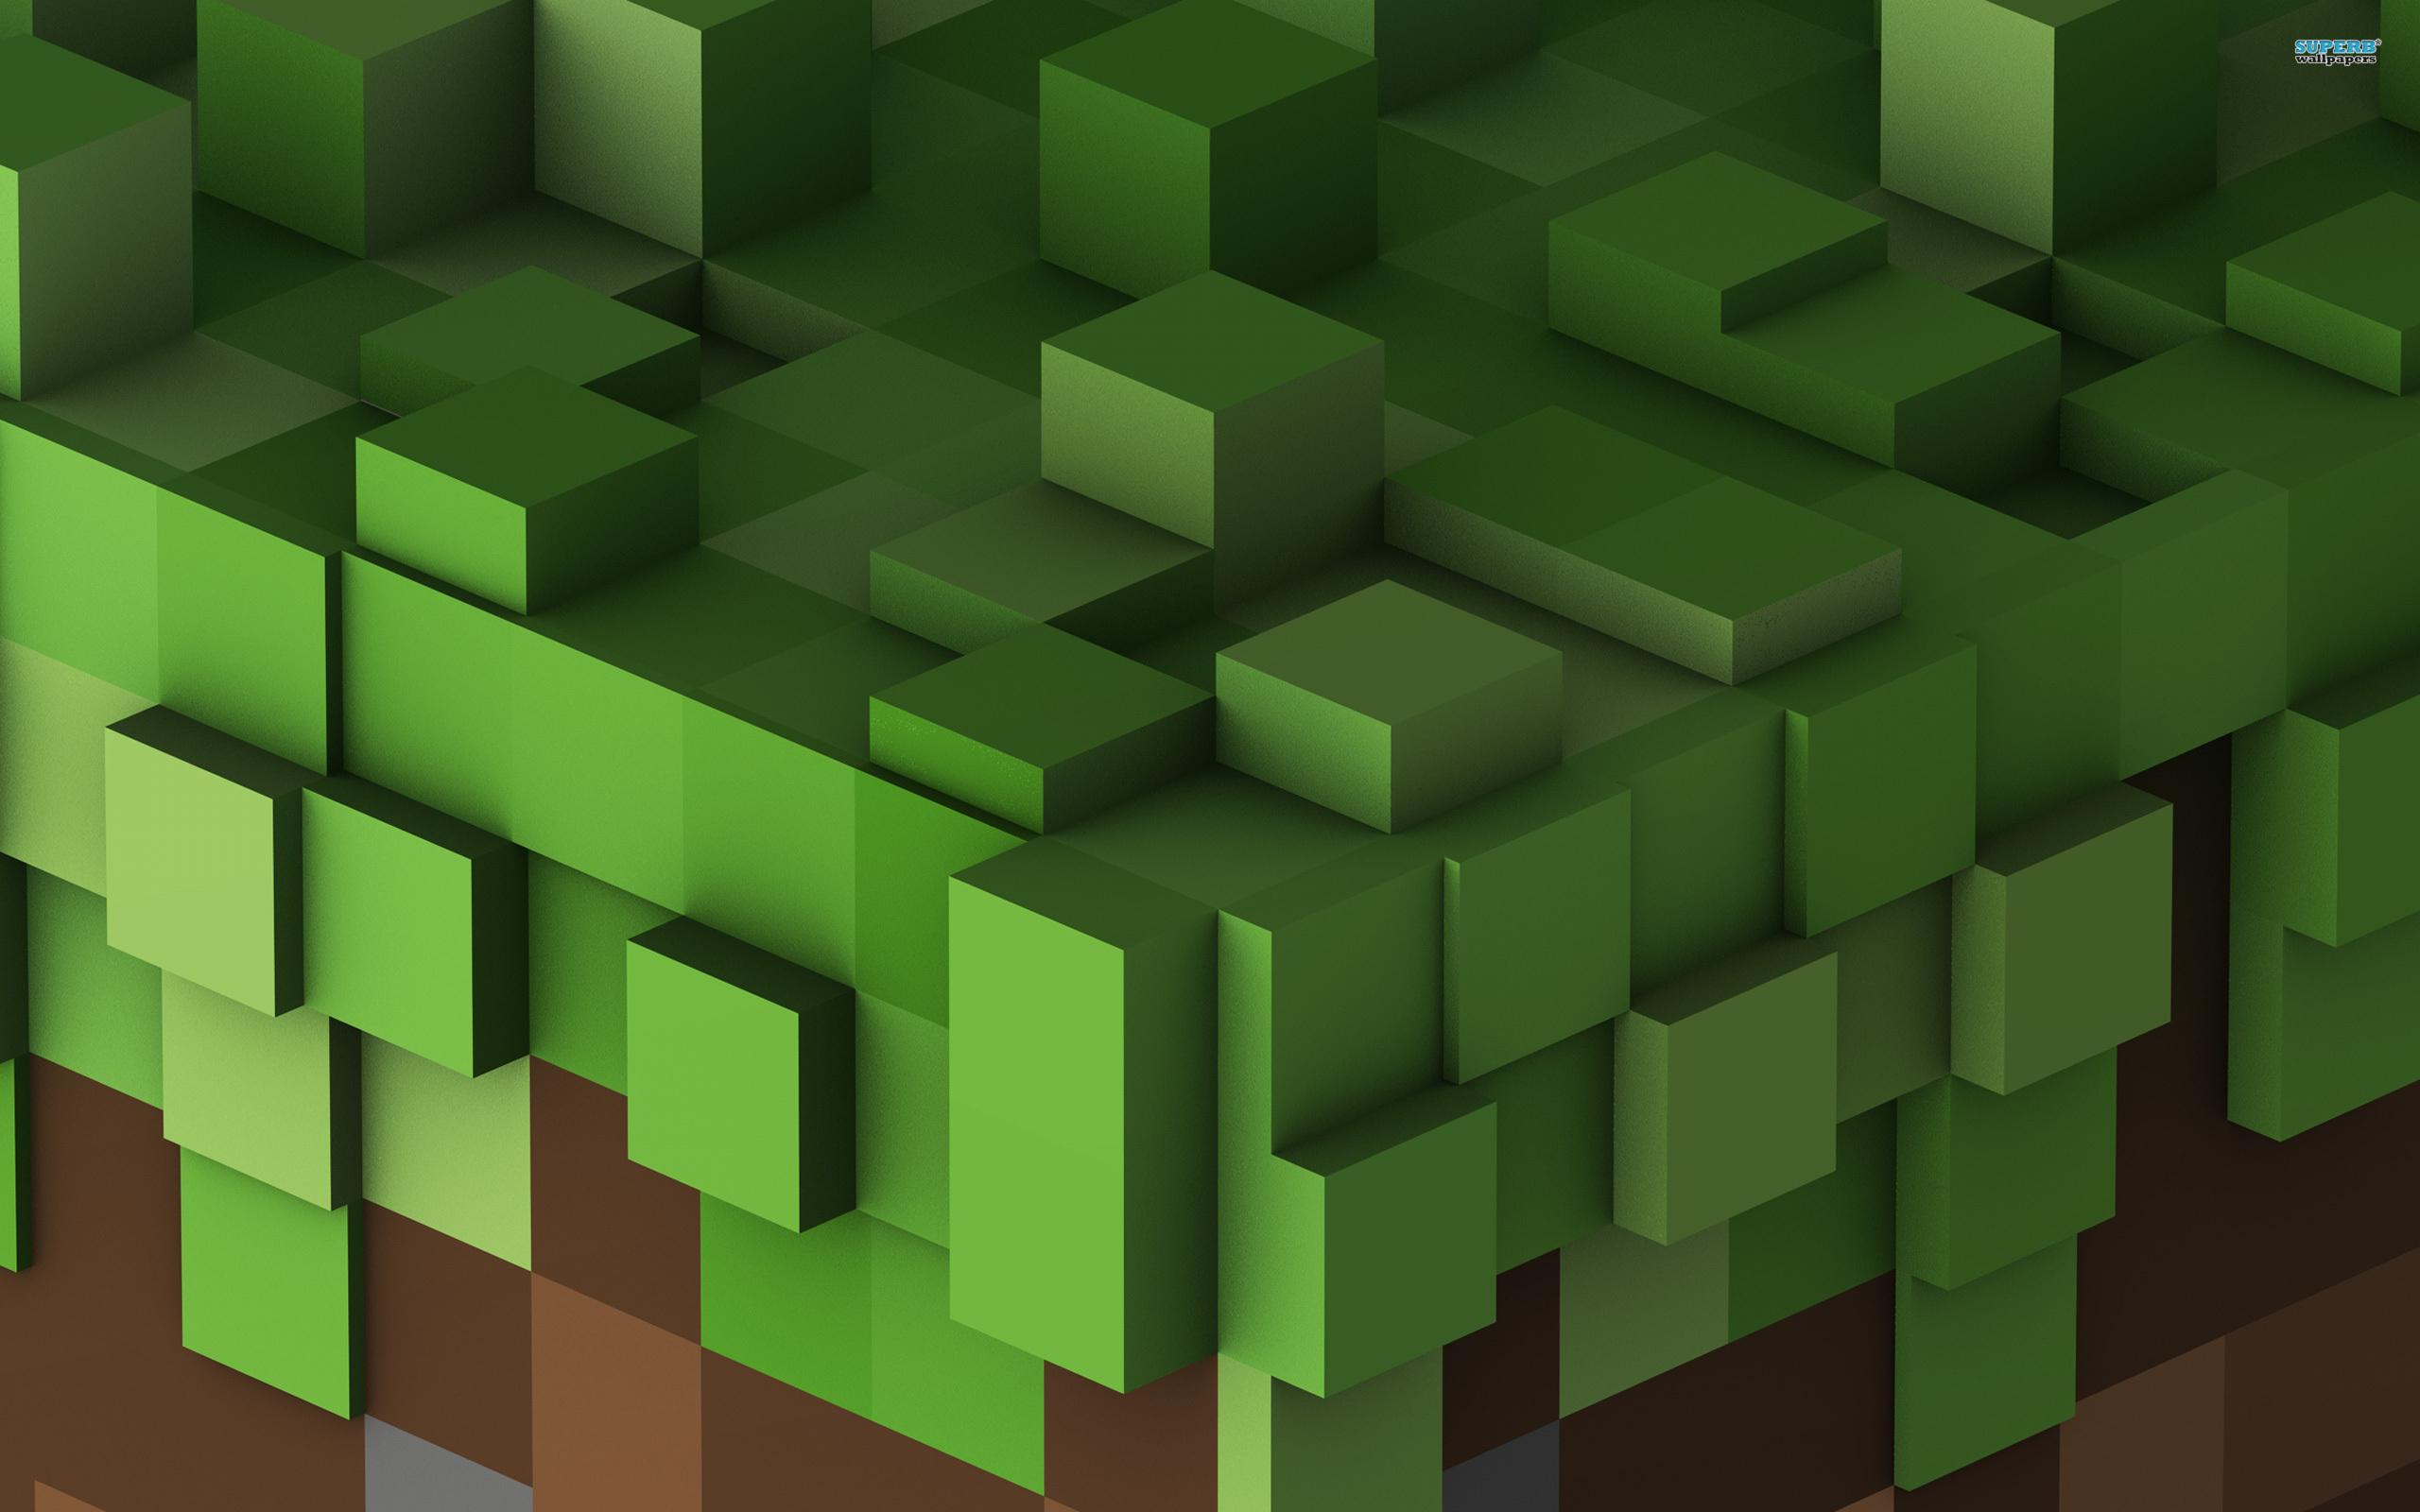 [48+] Minecraft Wallpapers Windows 10 on WallpaperSafari